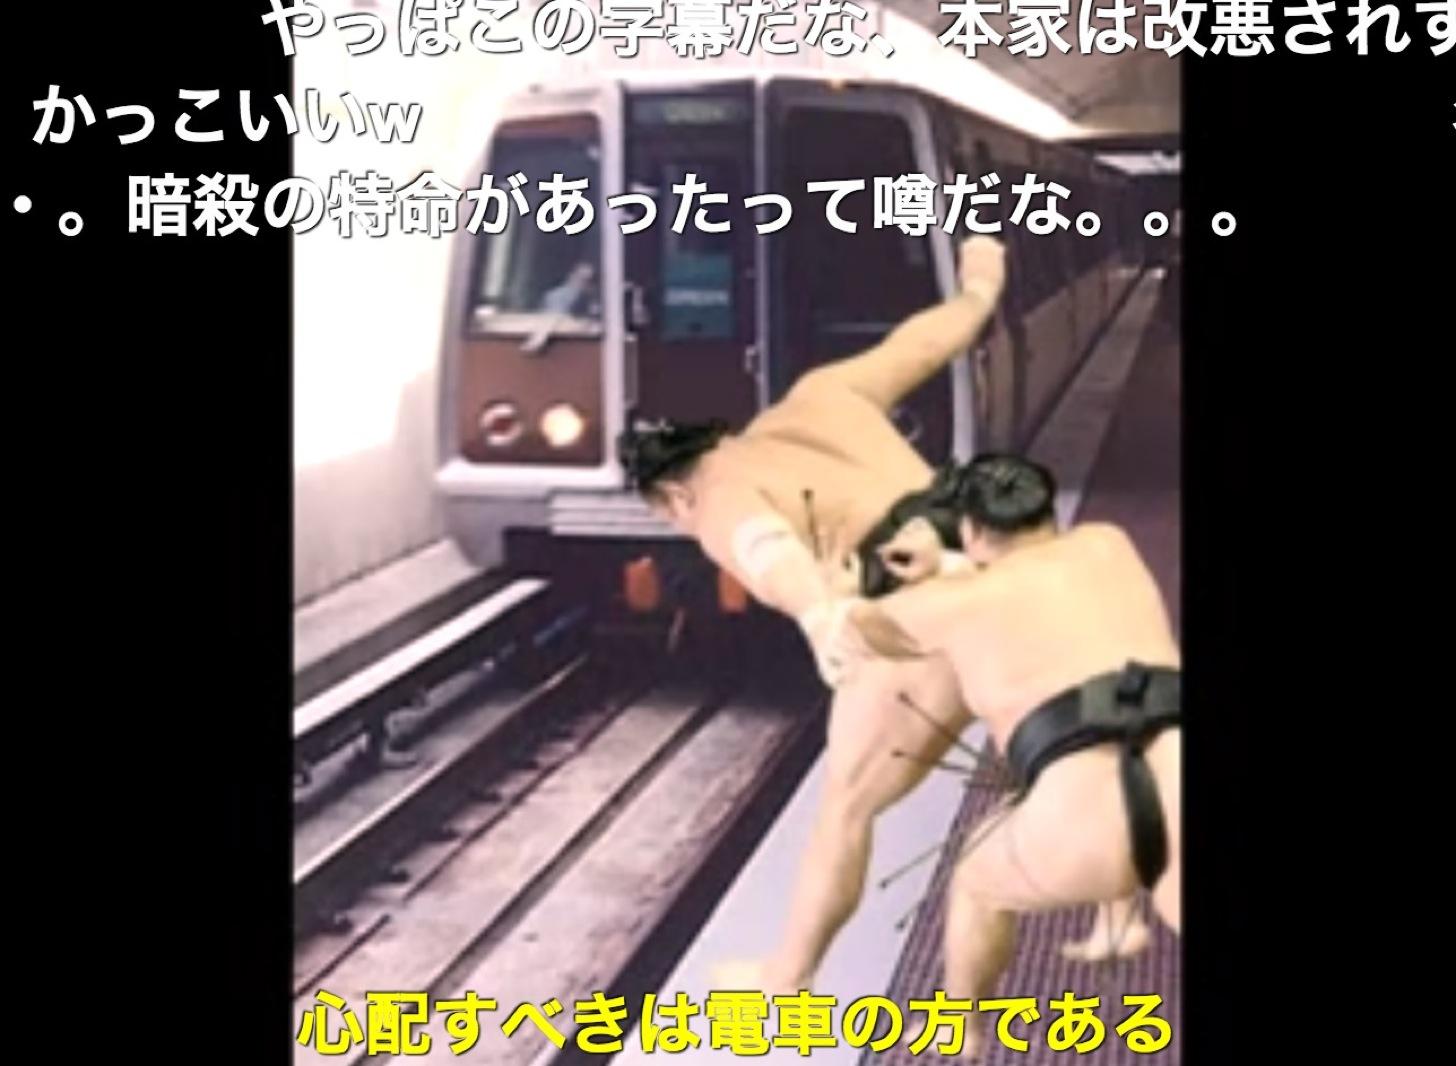 心配すべきは電車の方である